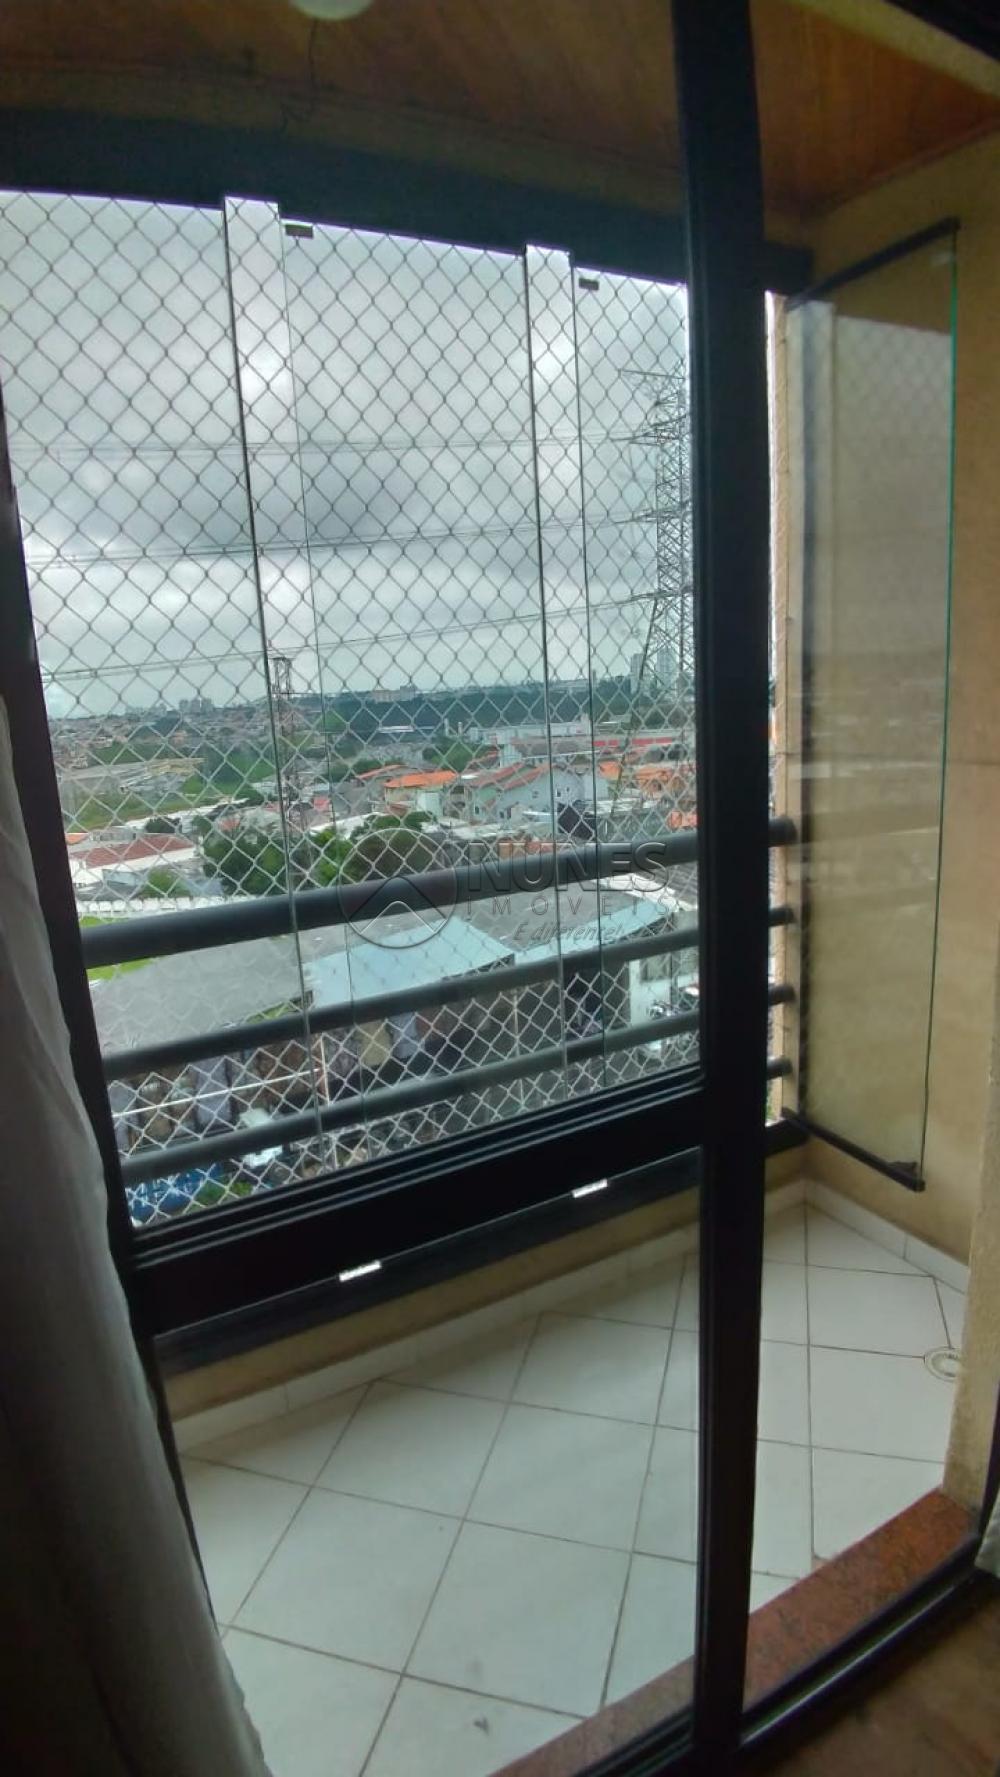 Comprar Apartamento / Padrão em Osasco apenas R$ 375.000,00 - Foto 13